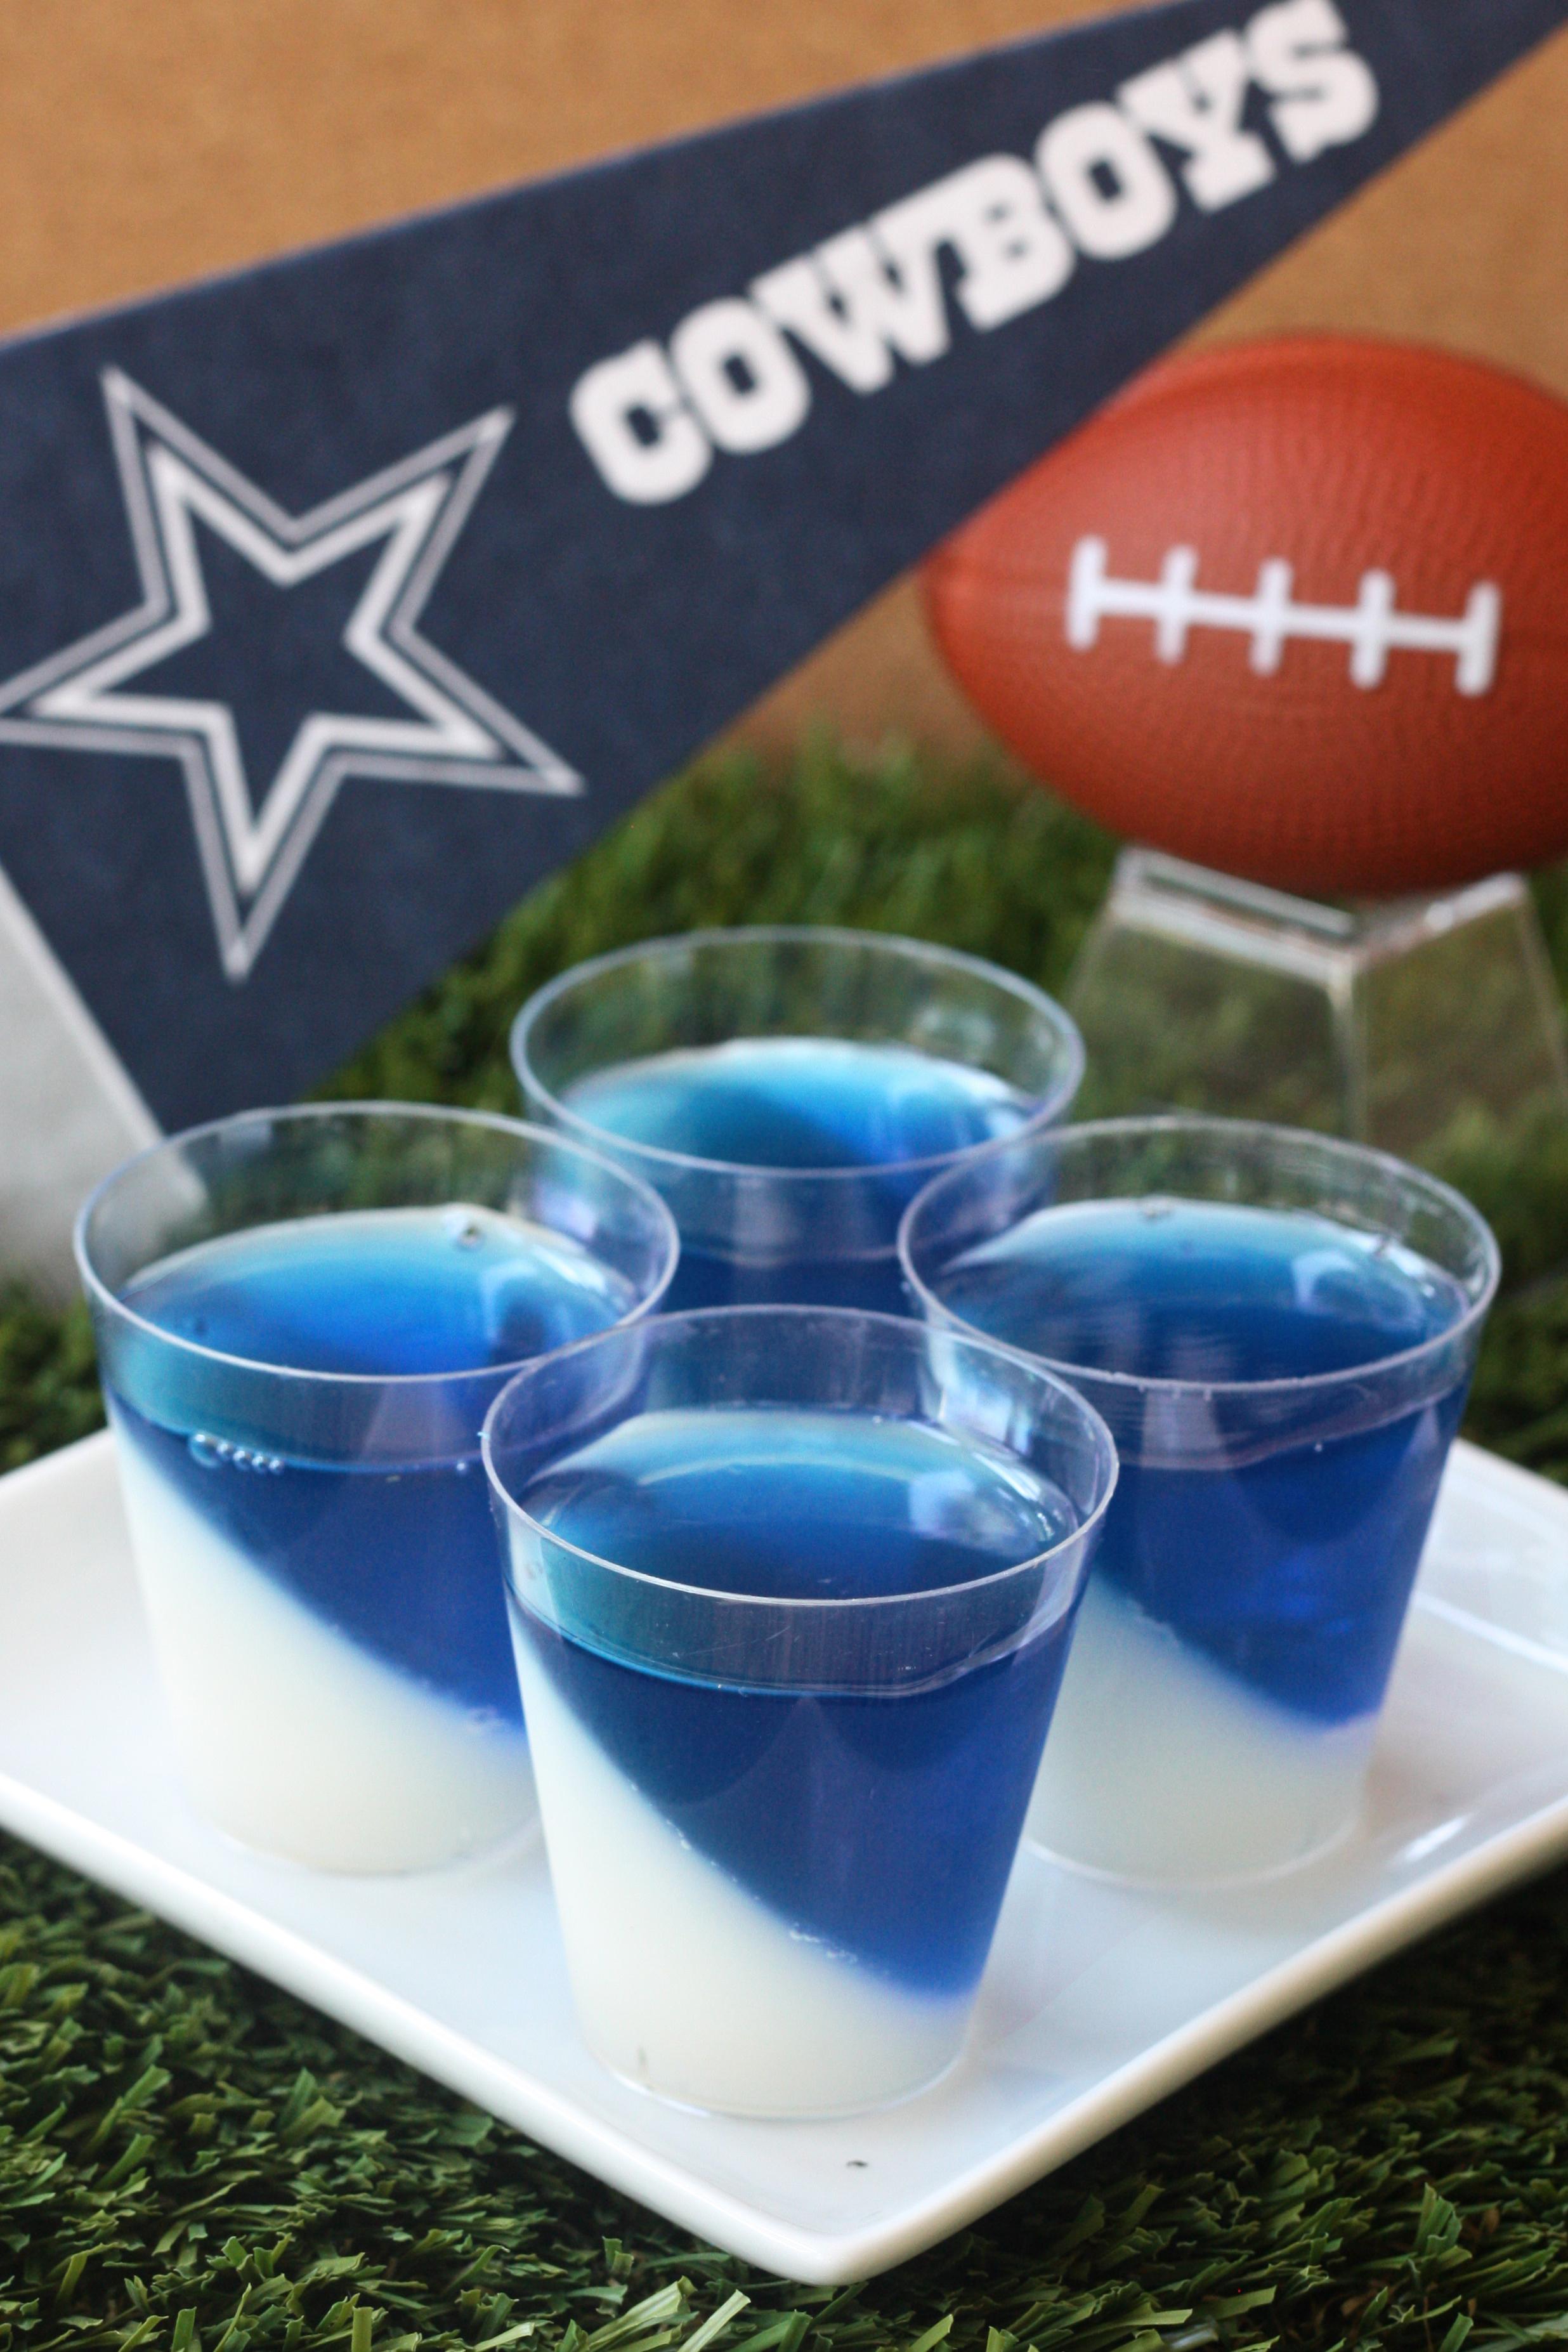 Best Dallas Cowboys Jell O Shots Recipe How To Make Dallas